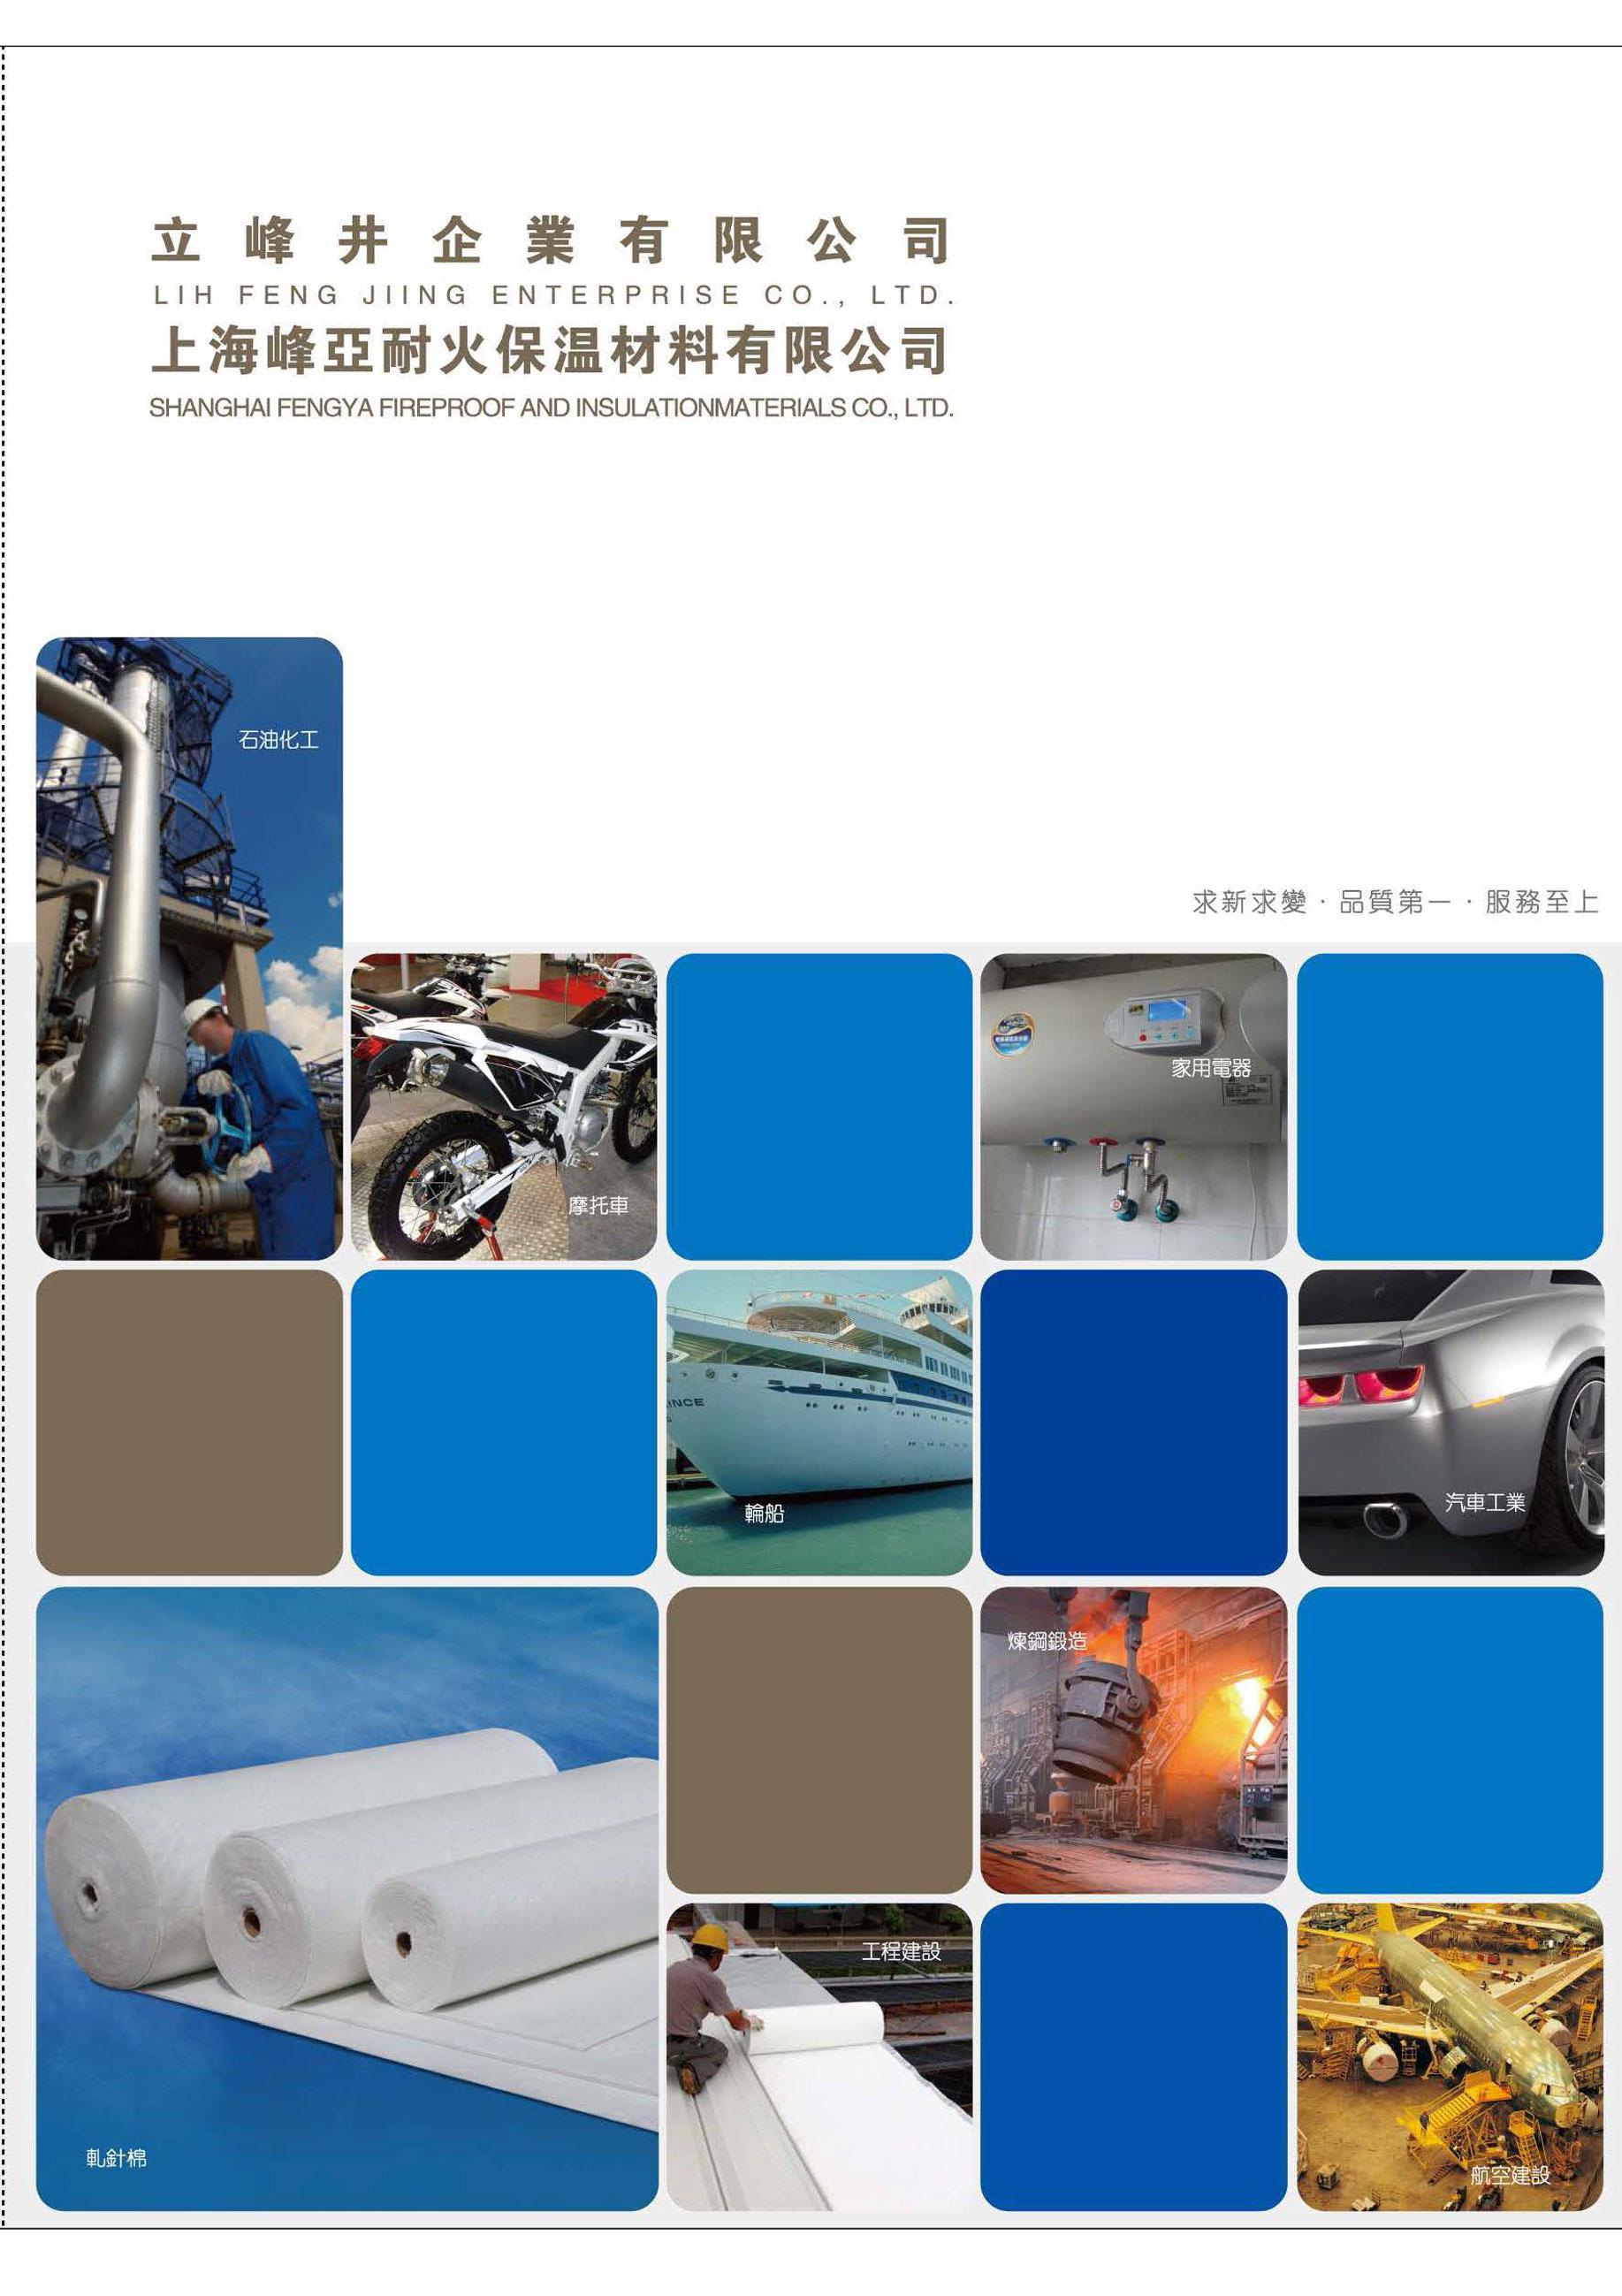 E-Katalog | LIH FENG JIING ENTERPRISE CO., LTD.